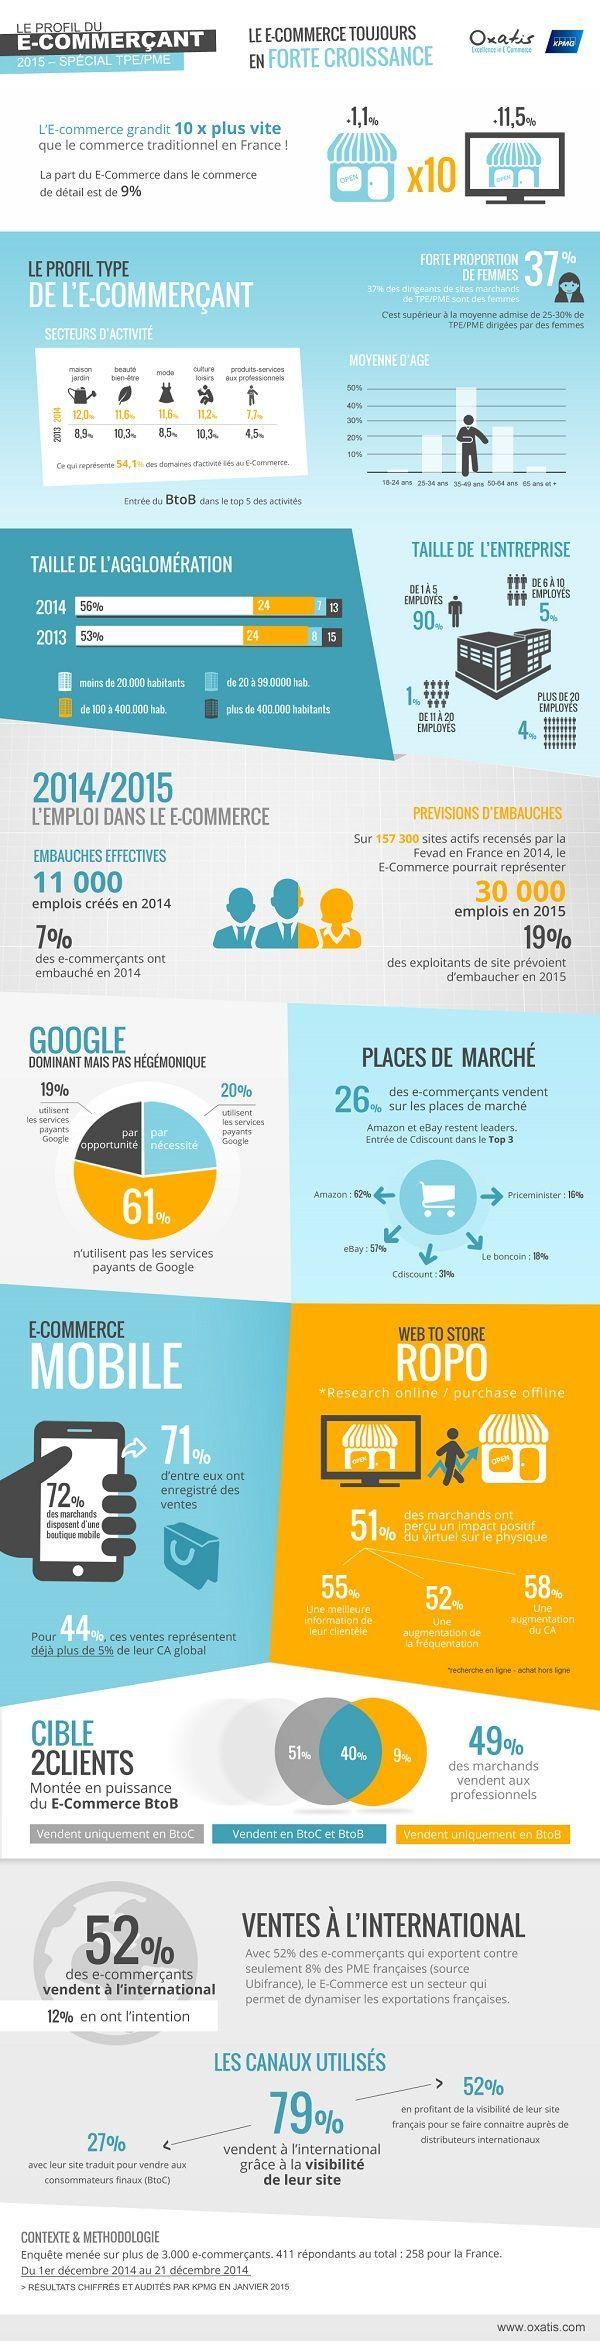 Infographie : le profil du e-commerçant - L'Echo Touristique